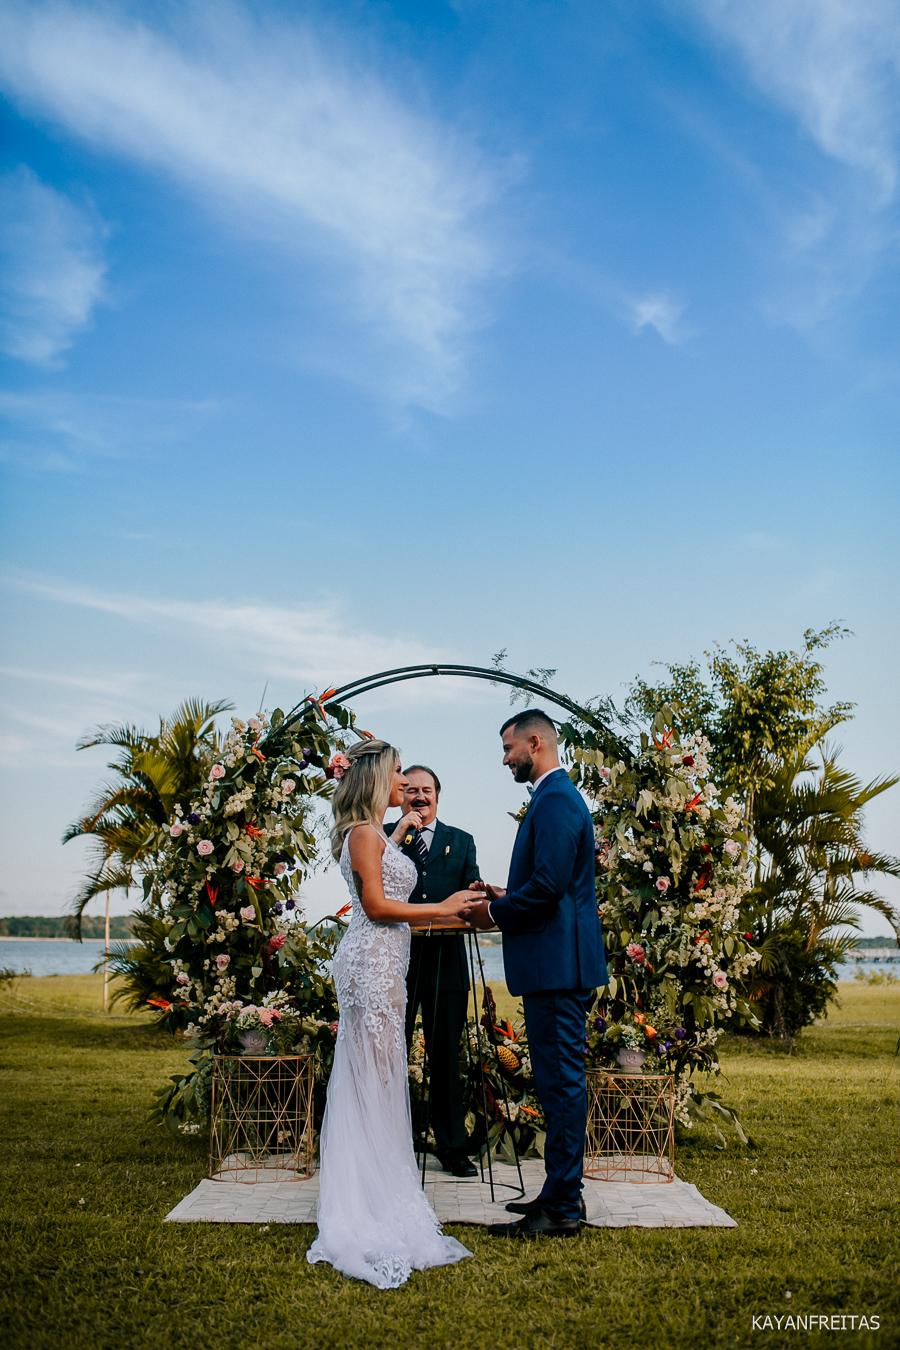 casamentodedia-lic-floripa-0086 Casamento de dia em Florianópolis - Pri e Guto